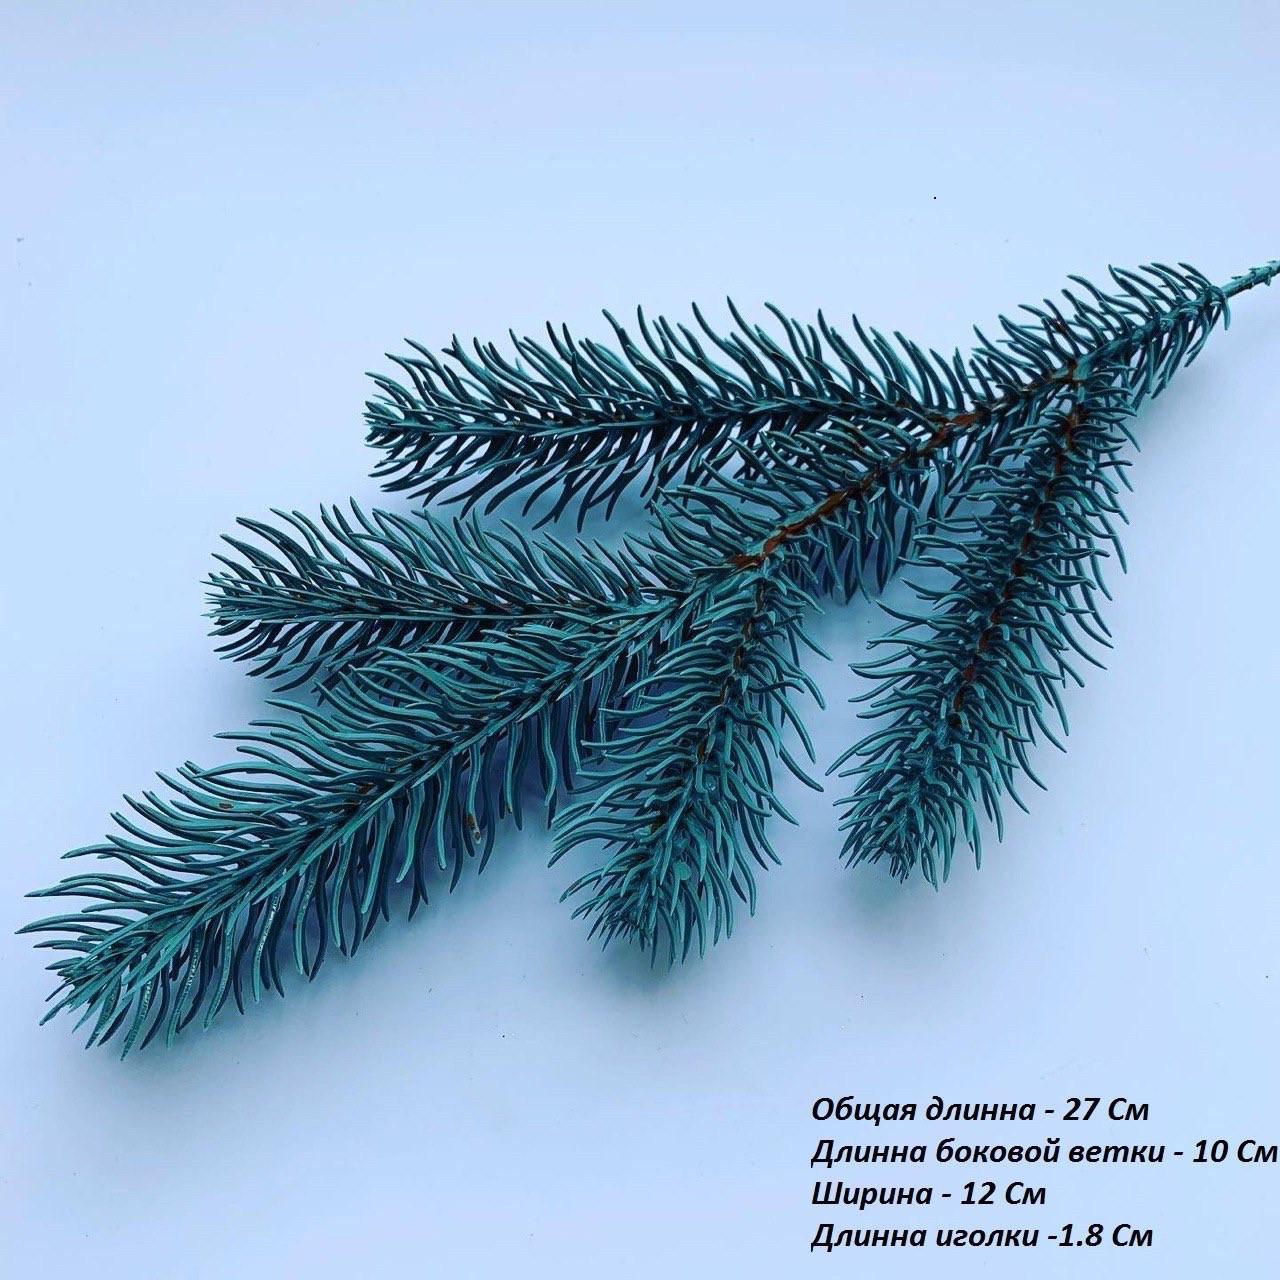 Искусственная хвоя.Ветка ели пятёрка.Веточка искусственной хвои голубая ( 30 см)